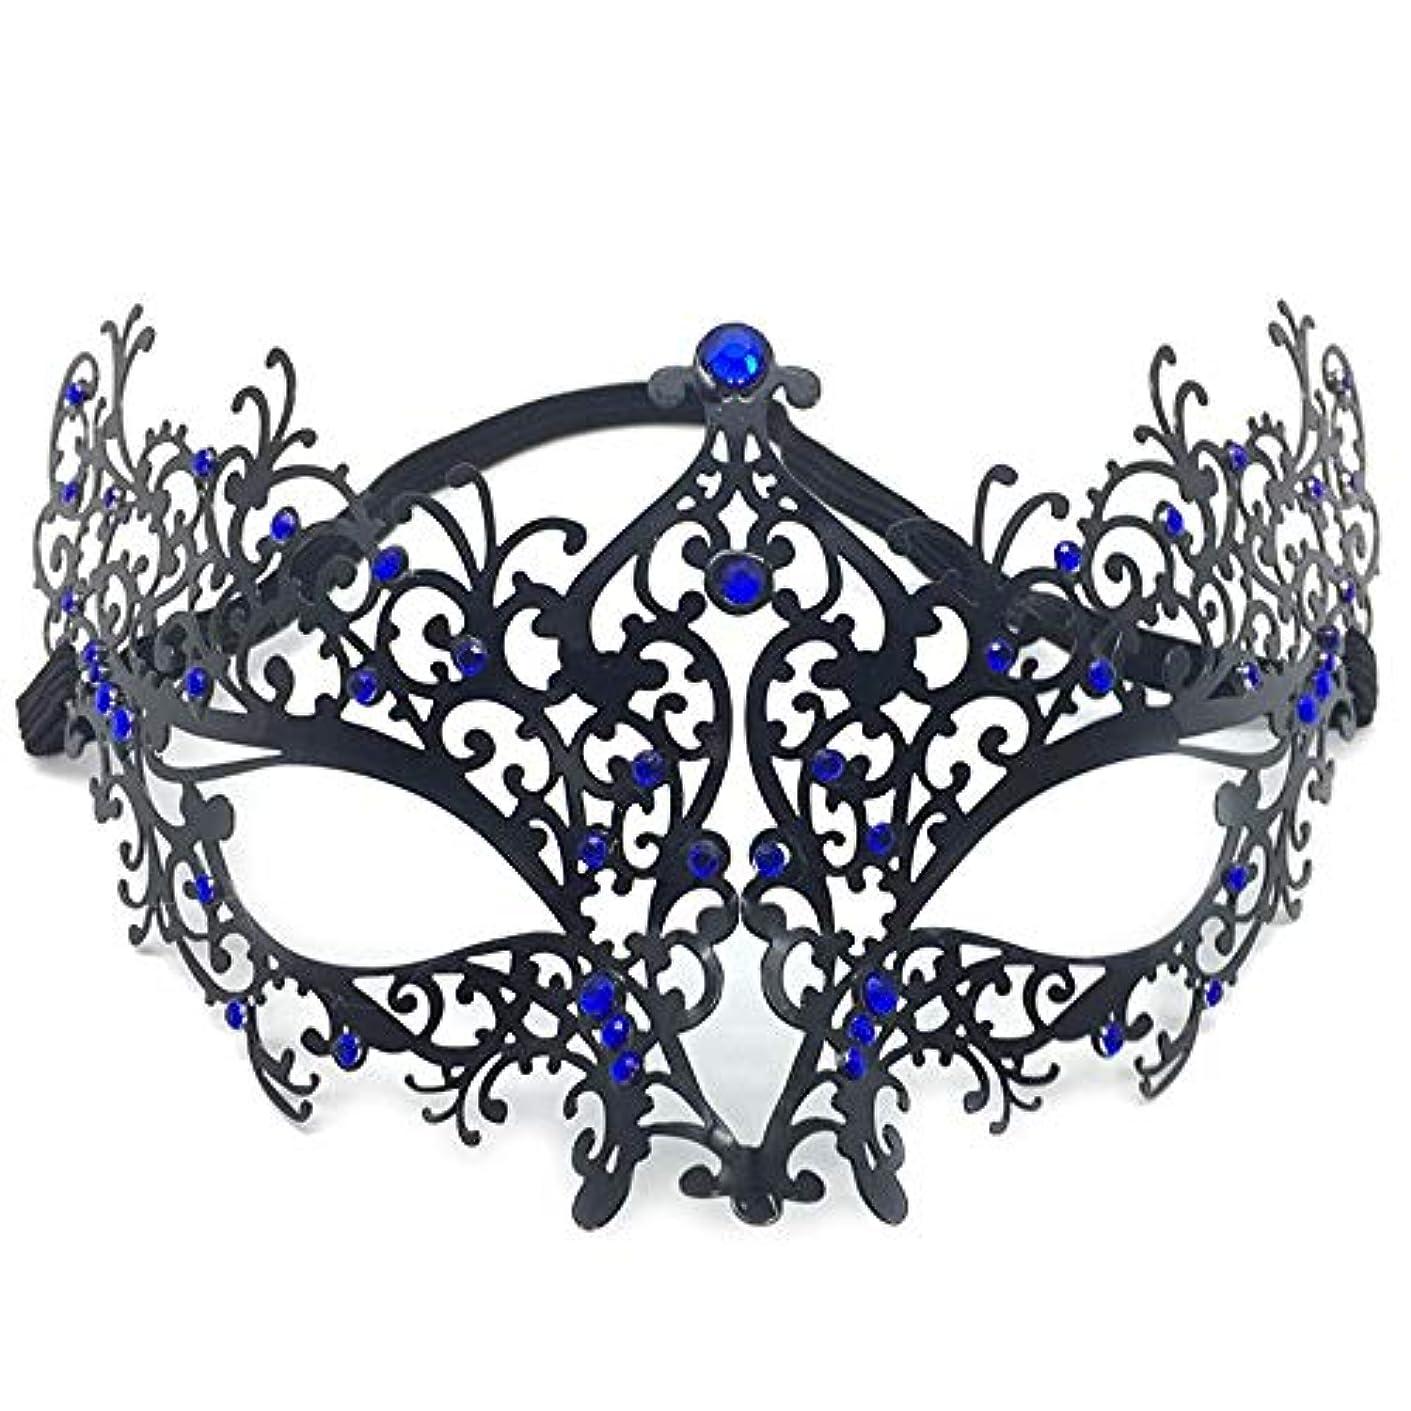 エスニック特異性パケット仮面舞踏会アイアンマスクパーティーCOSはメタリックダイヤモンドハーフフェイスハロウィンアイアンマスクをドレスアップ (Color : B)